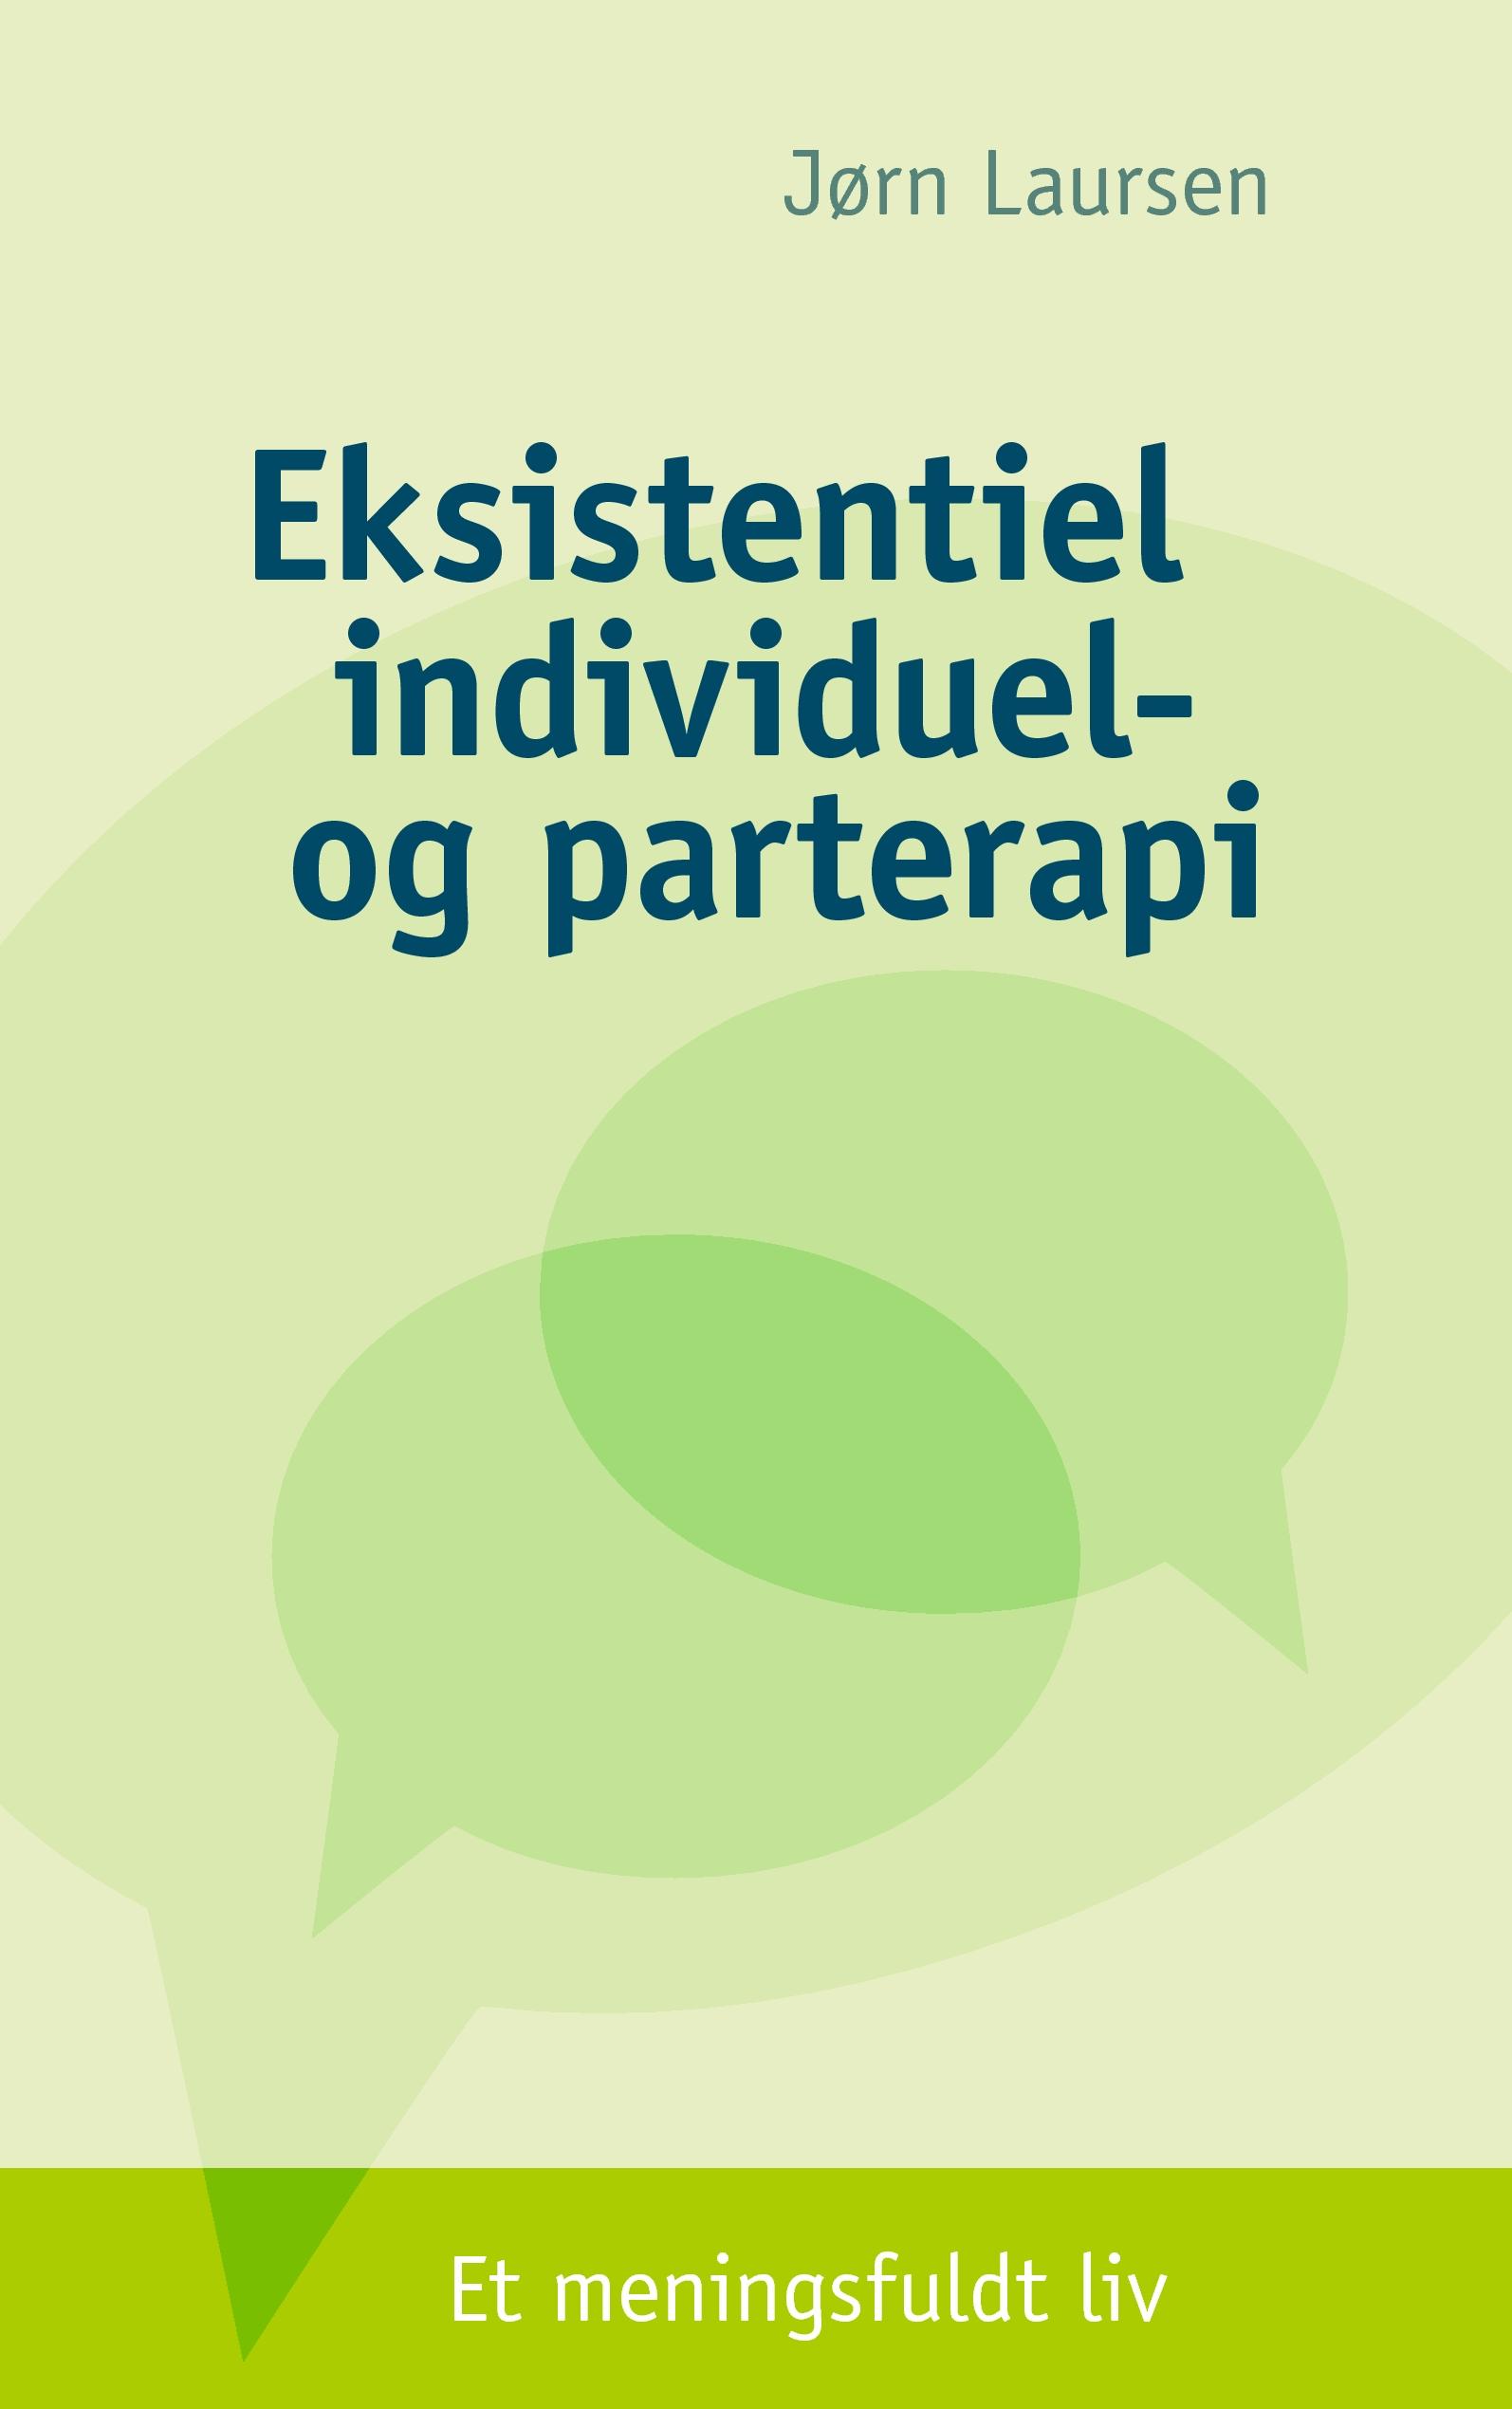 Eksistentiel individuel- og parterapi - e-bog fra N/A på bog & mystik